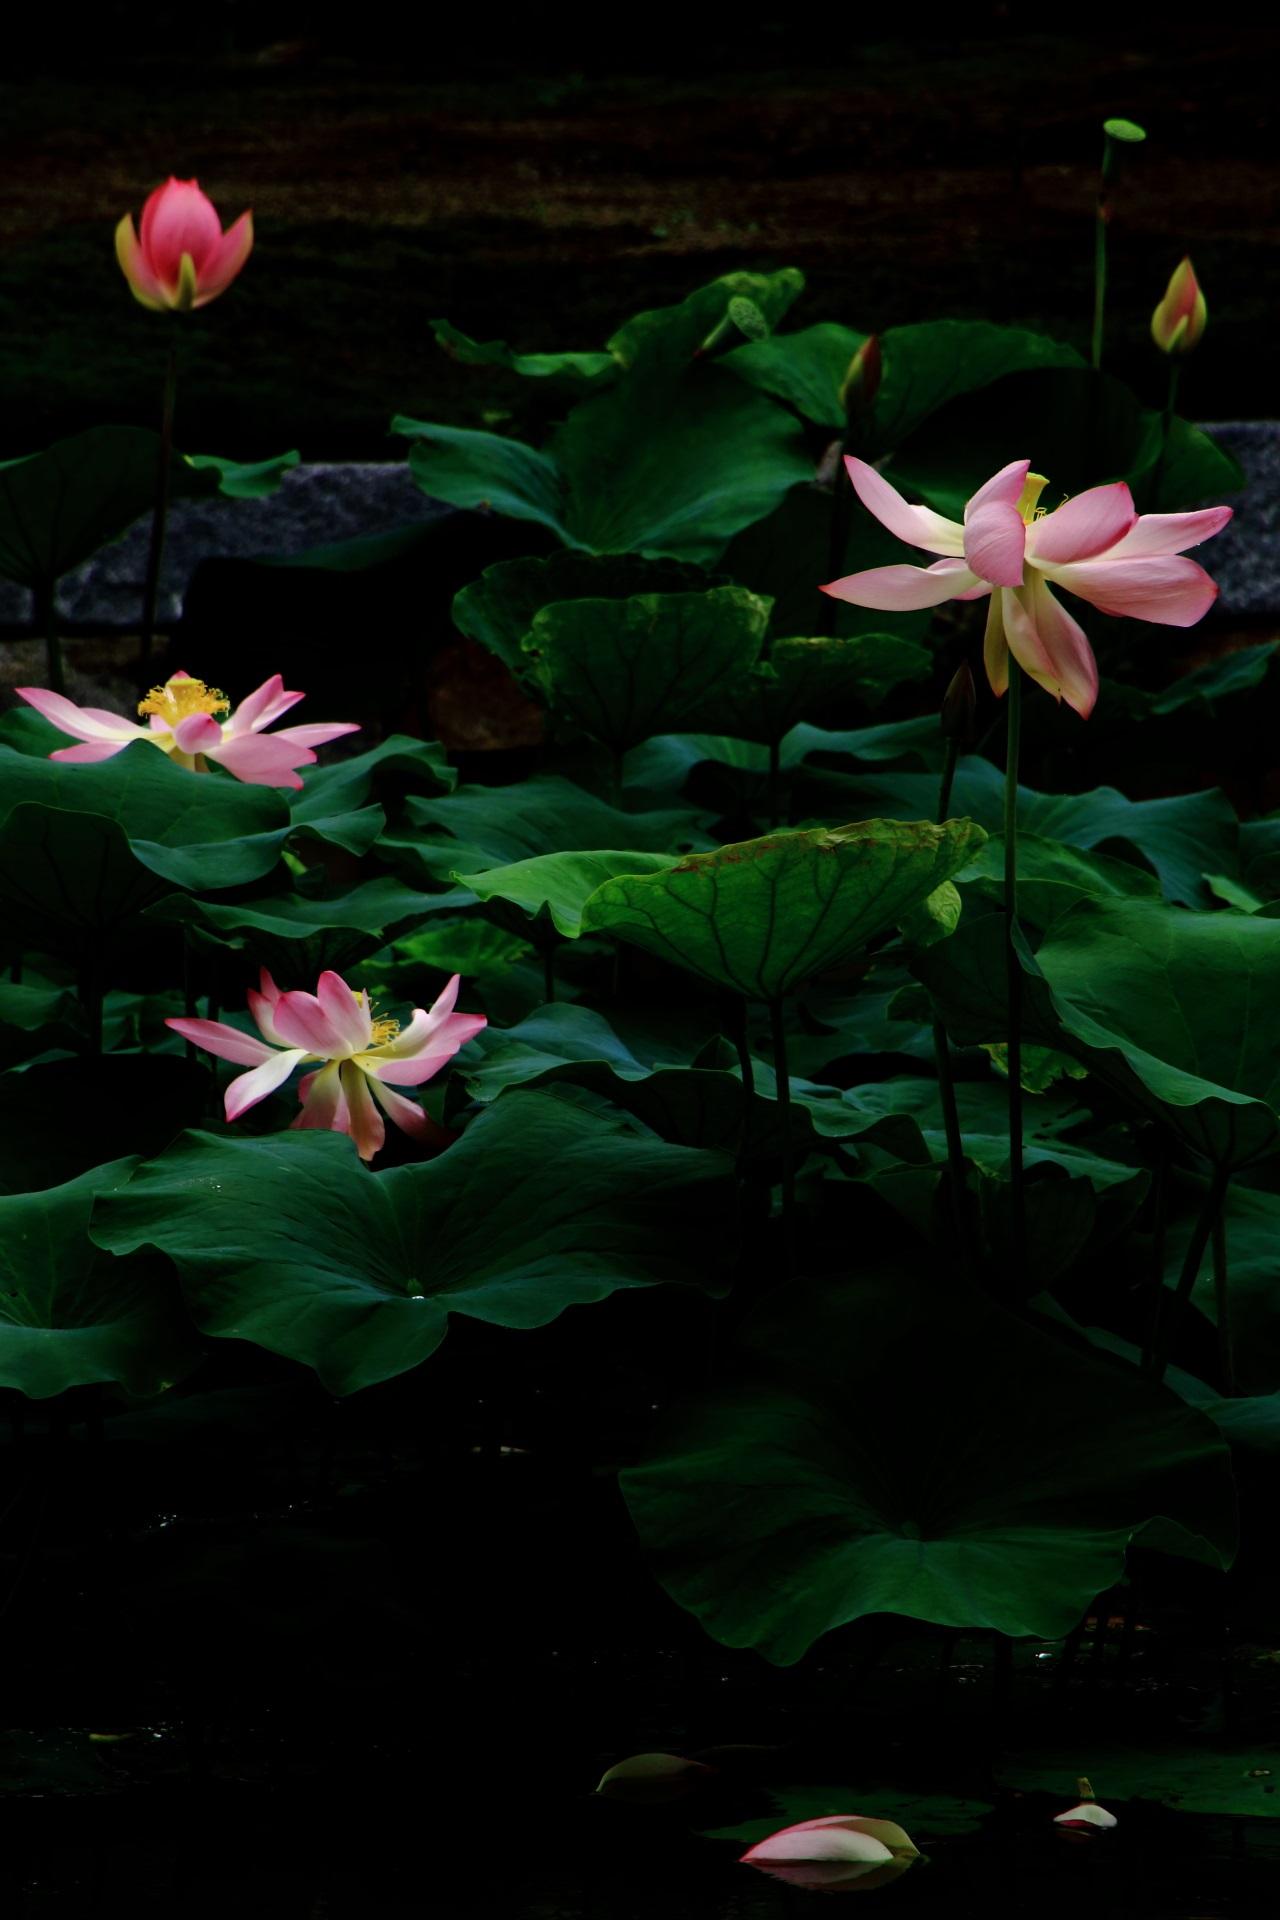 コントラスト強めの建仁寺の凛とした感じの蓮の花